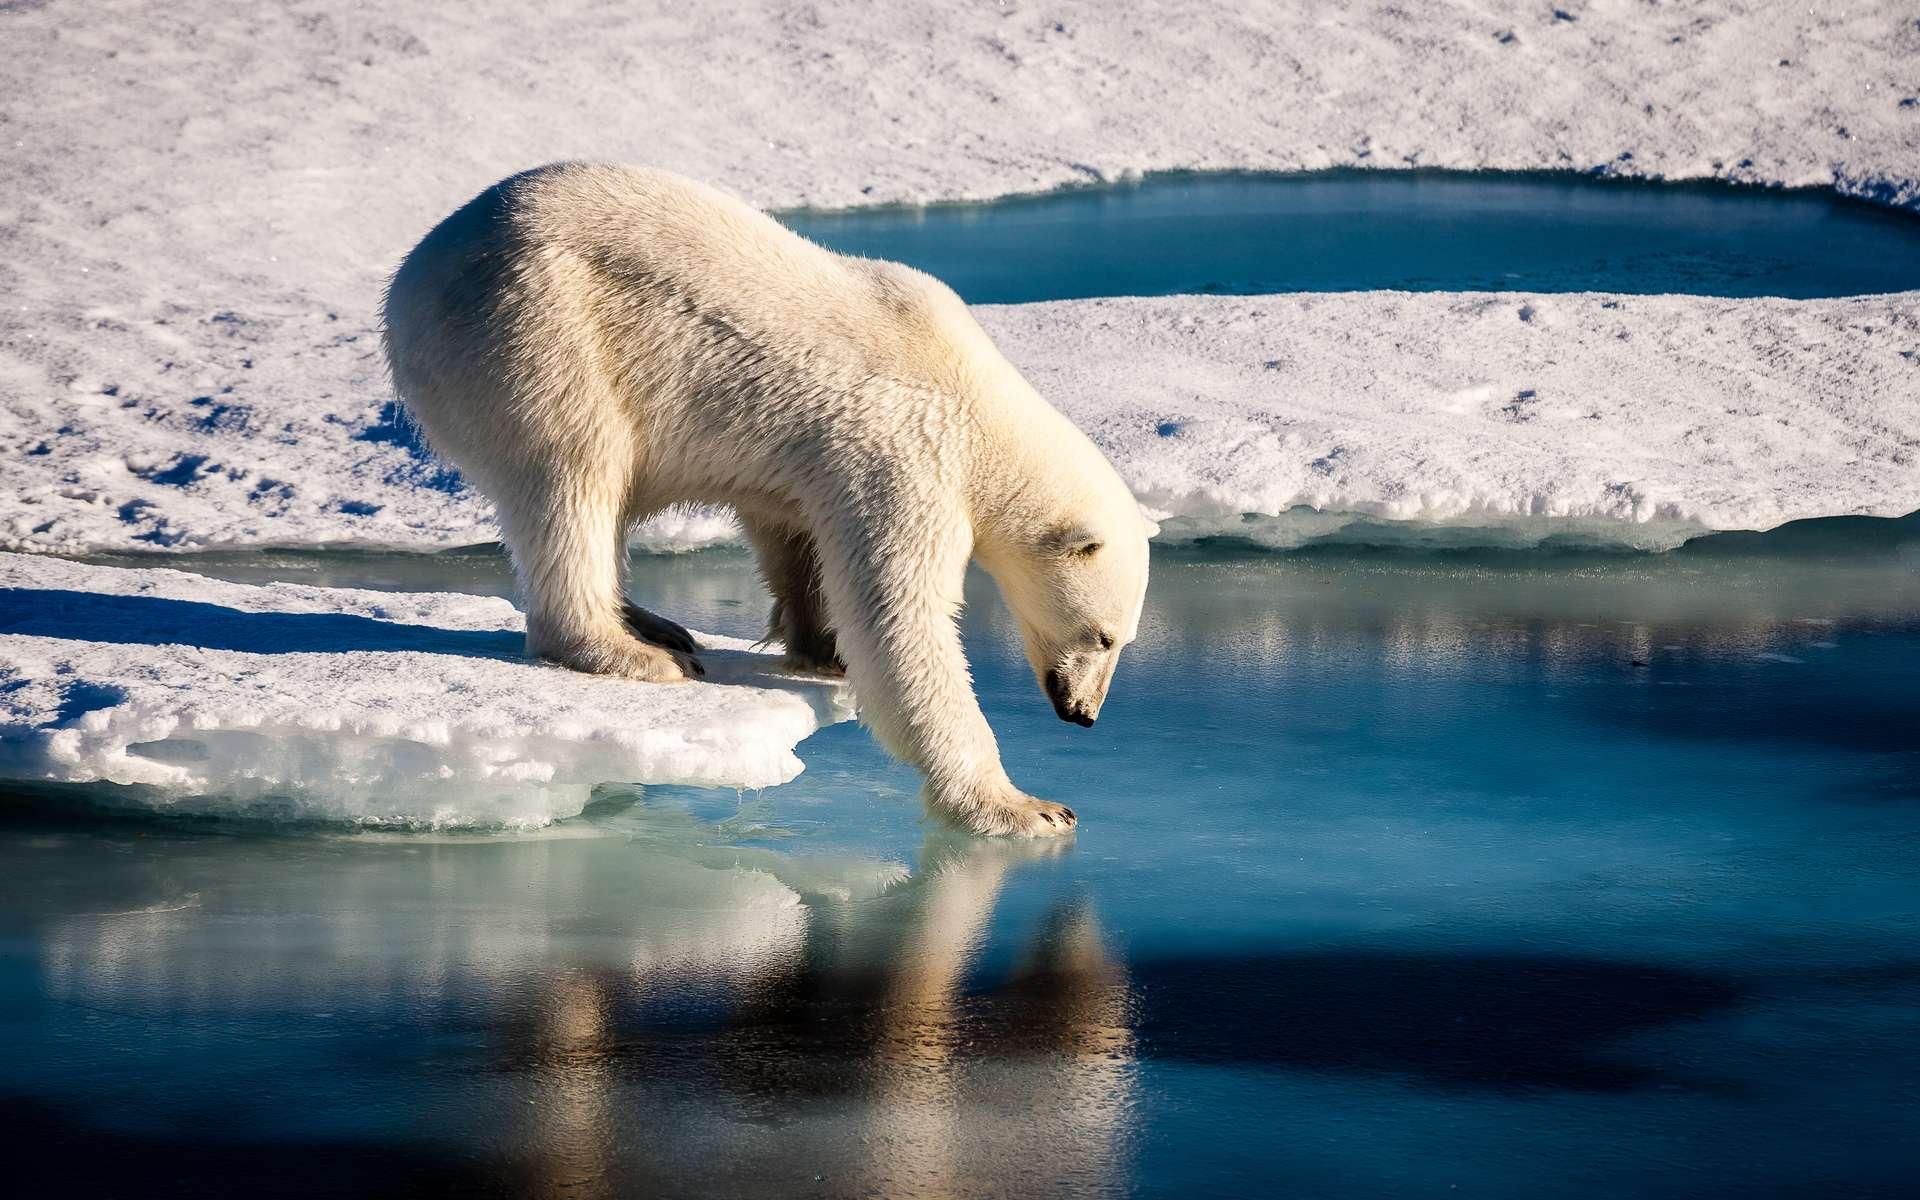 Les ours polaires ont des comportements de chasse élaborés qui impliquent parfois l'utilisation d'outils. © Mario Hoppmann, Adobe Stock